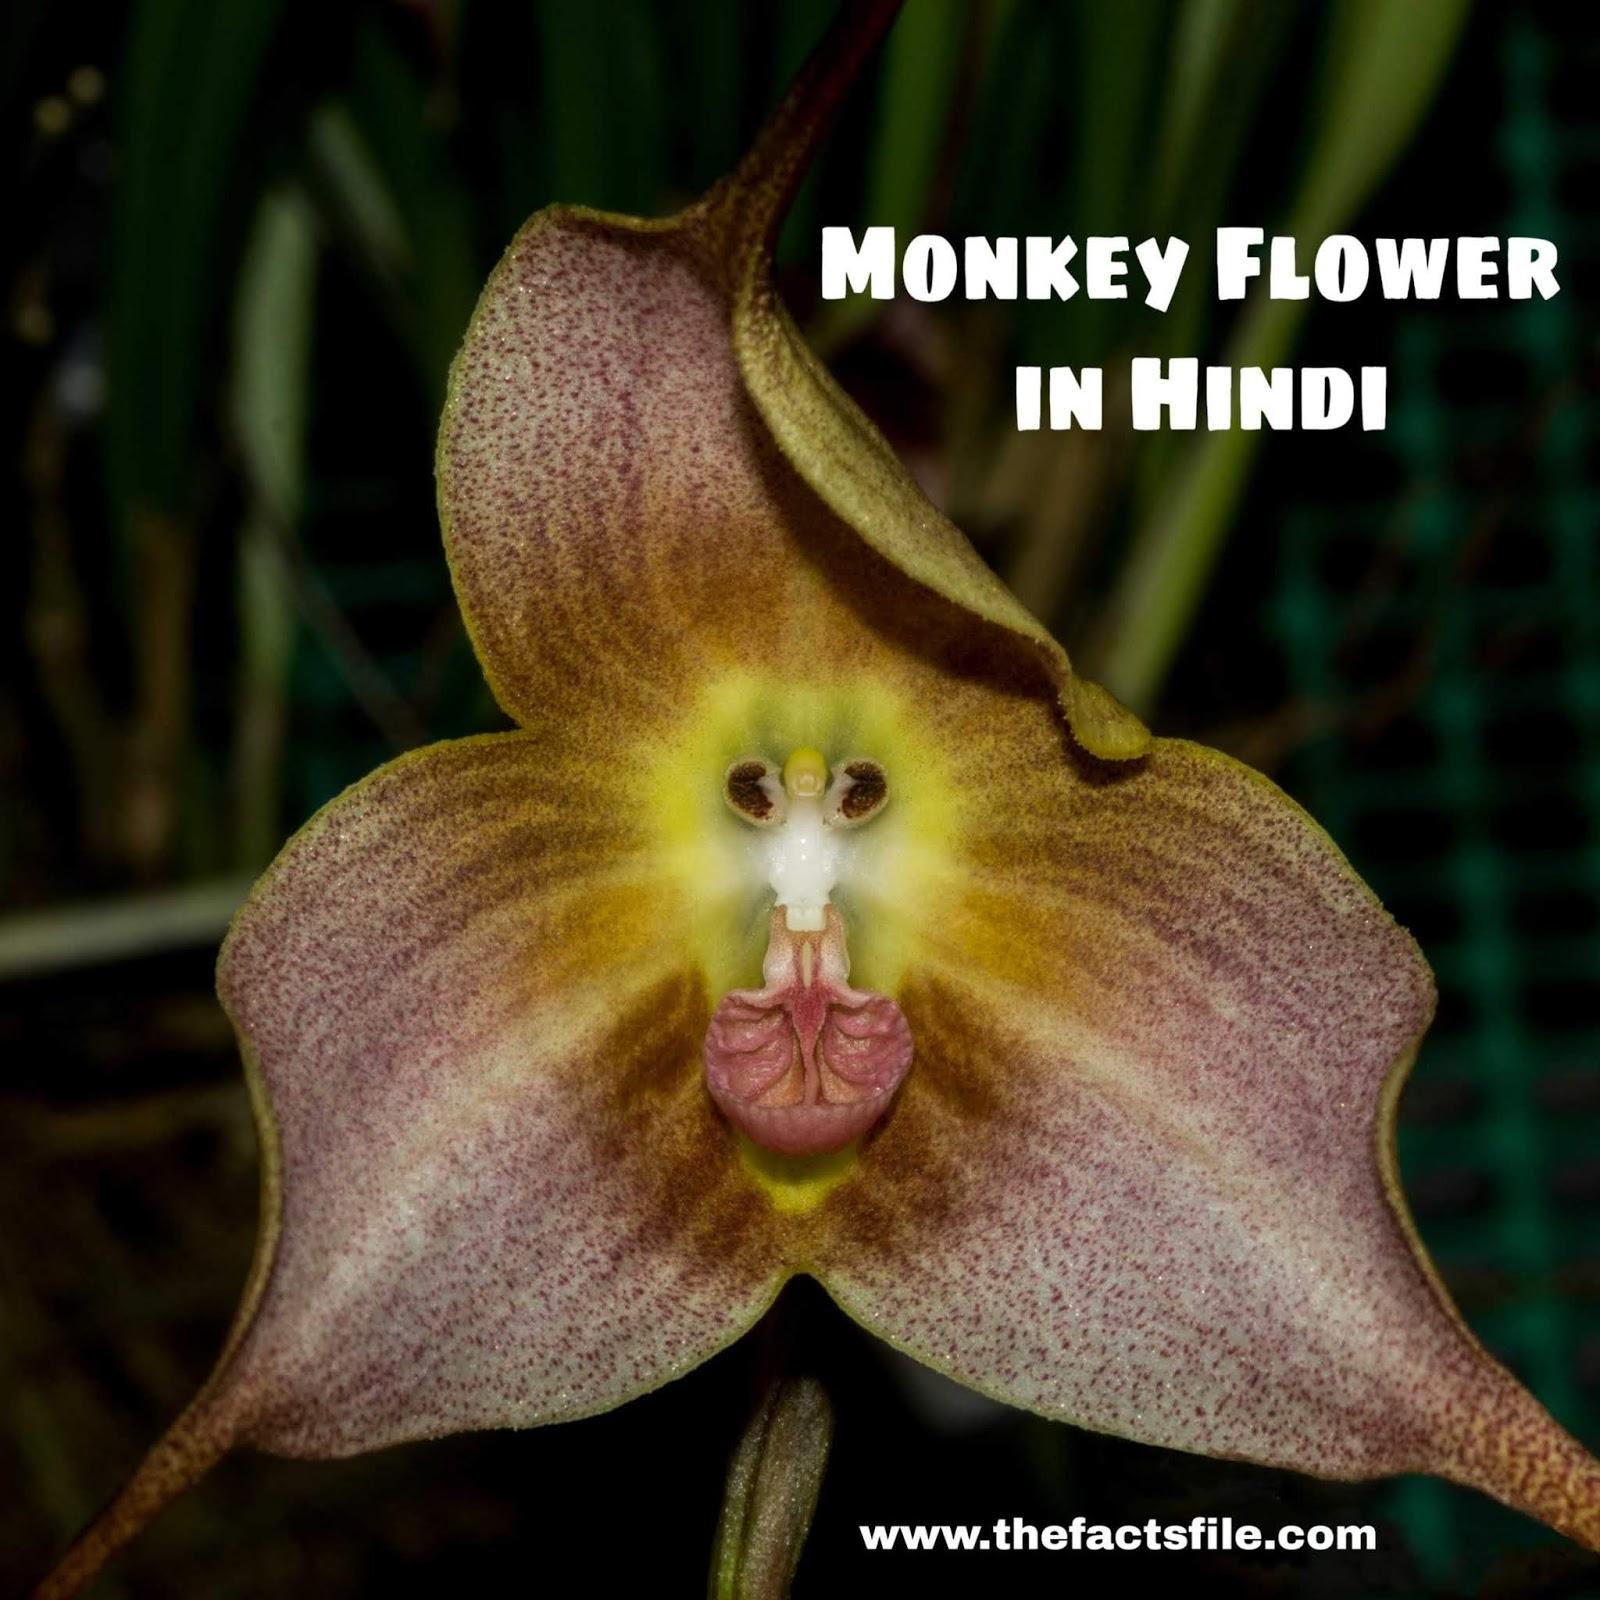 यह फूल है या बंदर का बच्चा ? जाने मंकी फ्लावर के बारे में सबकुछ - Facts about Dracula or Monkey Orchid in Hindi